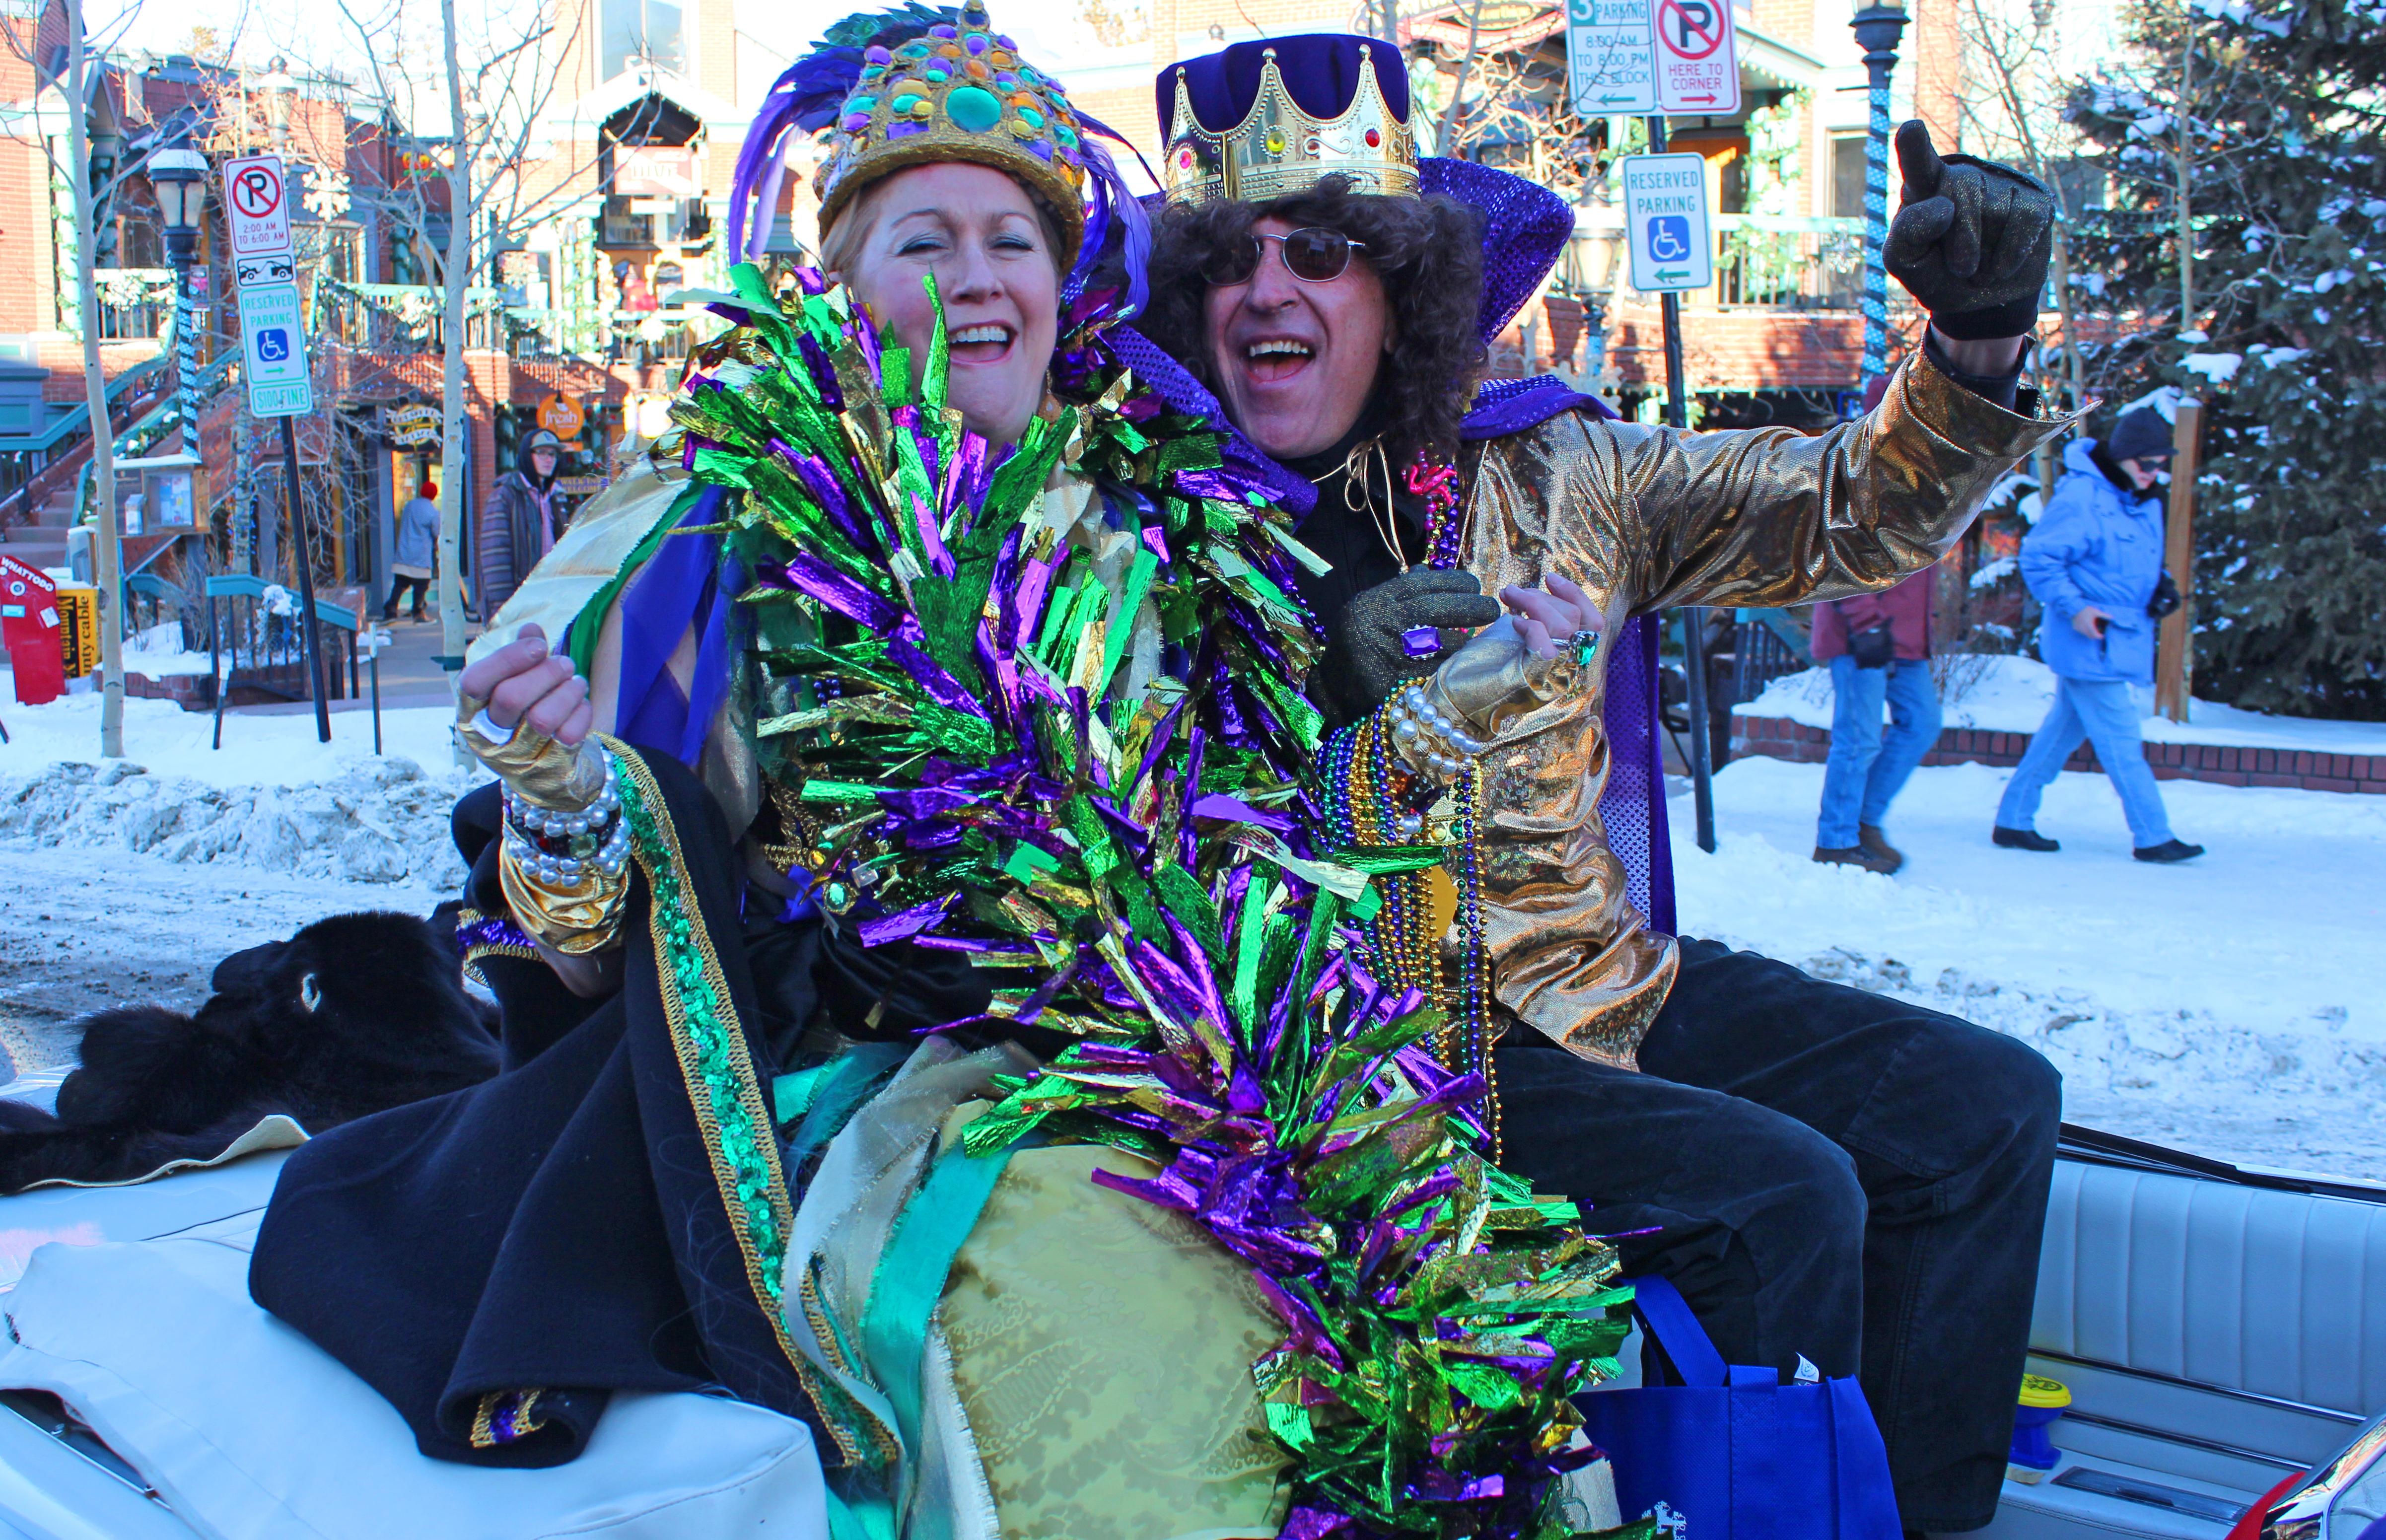 Breckenridge Mardi Gras